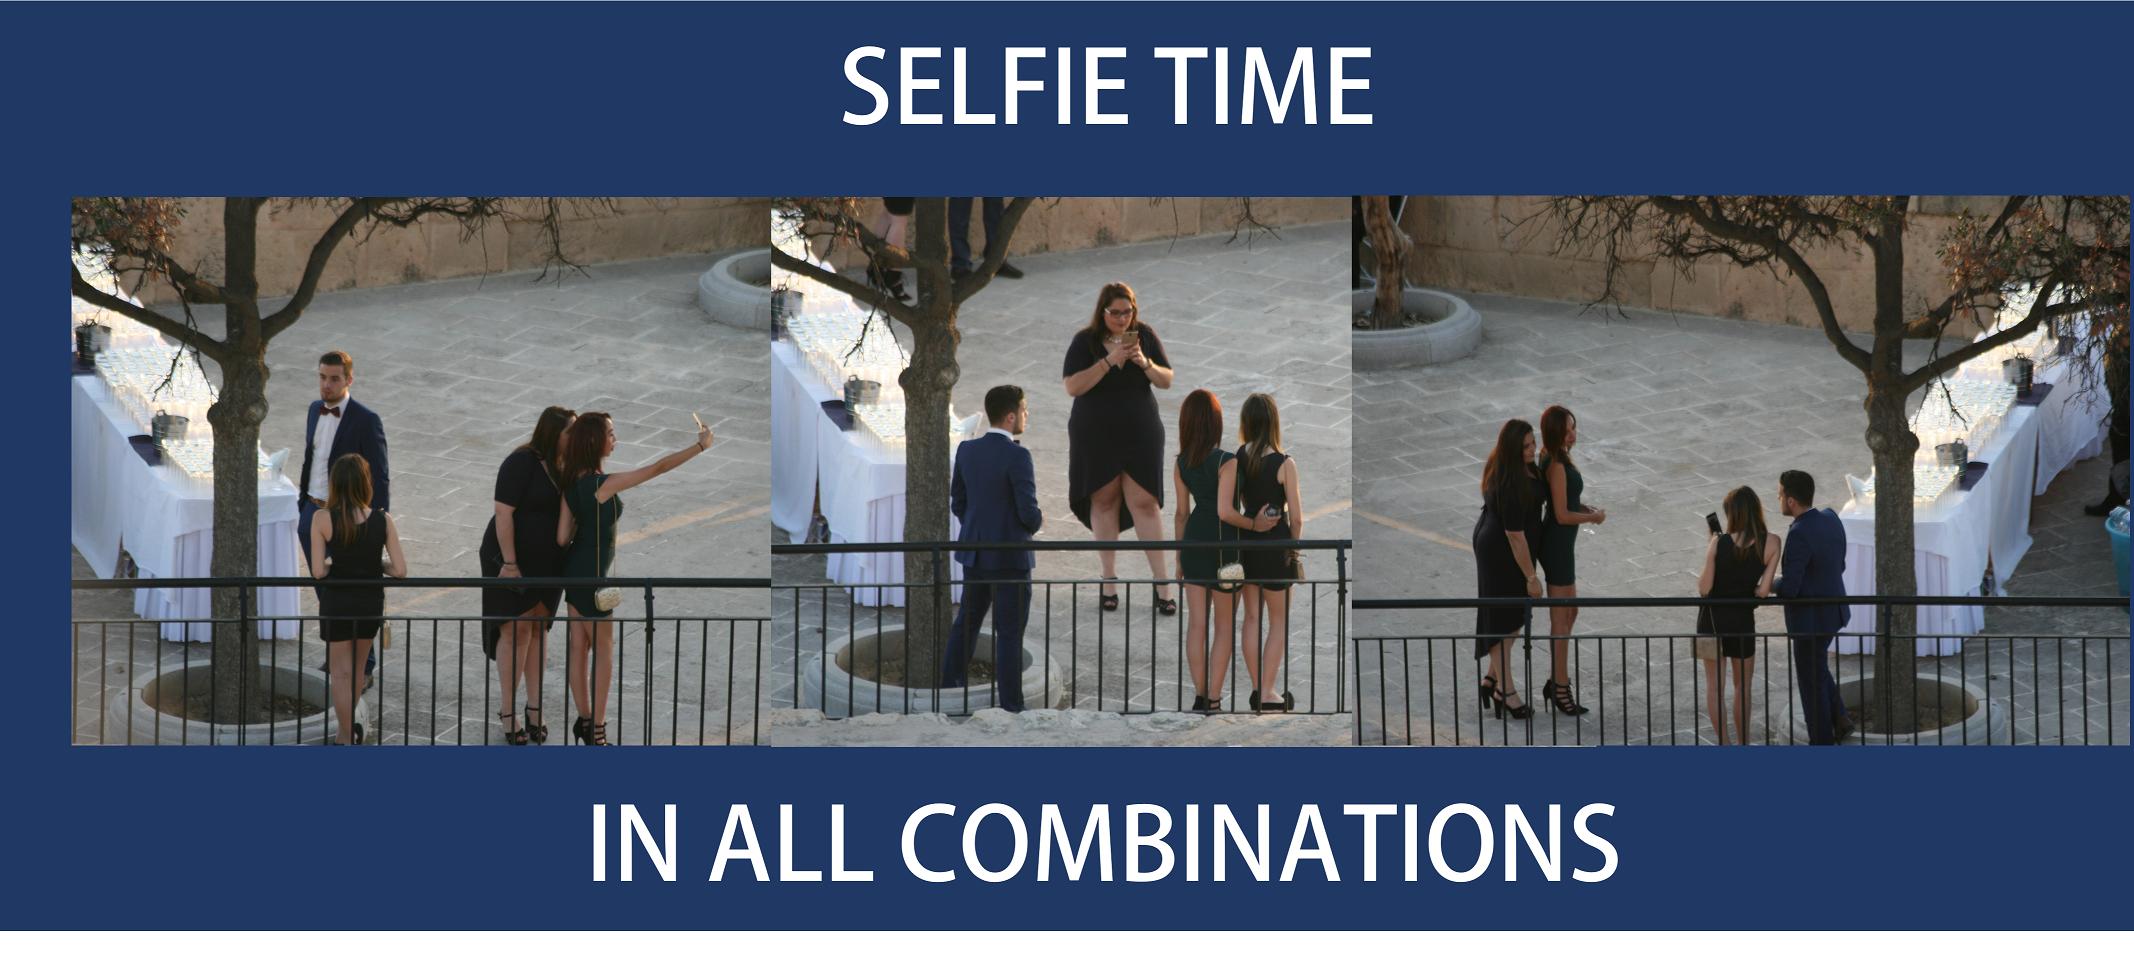 selfie-time